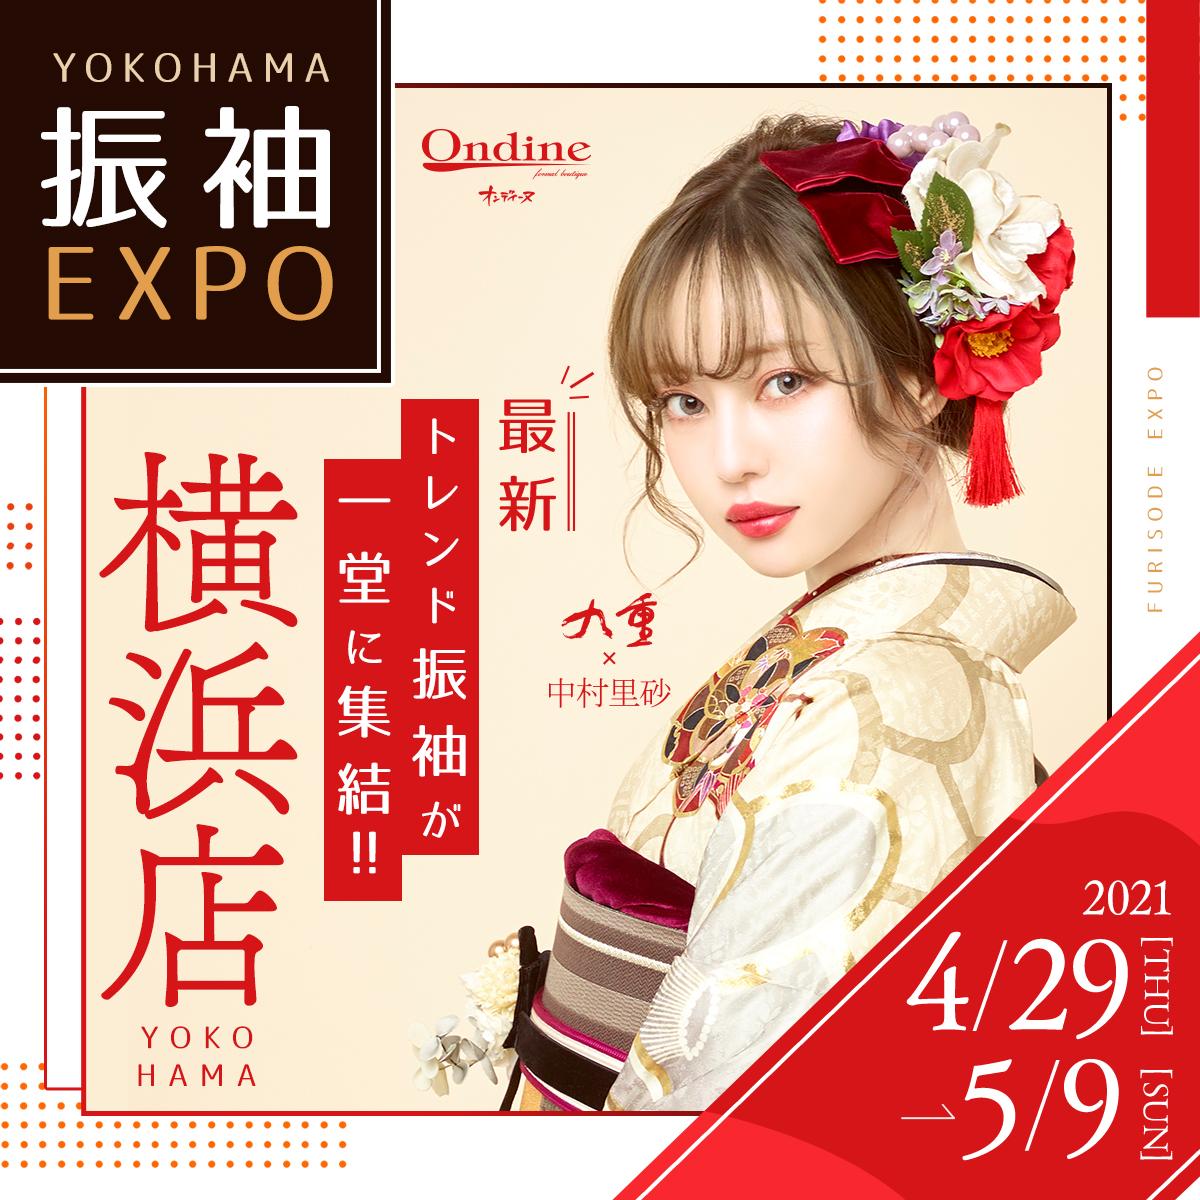 【イベント会場ご案内】振袖EXPO in 横浜店